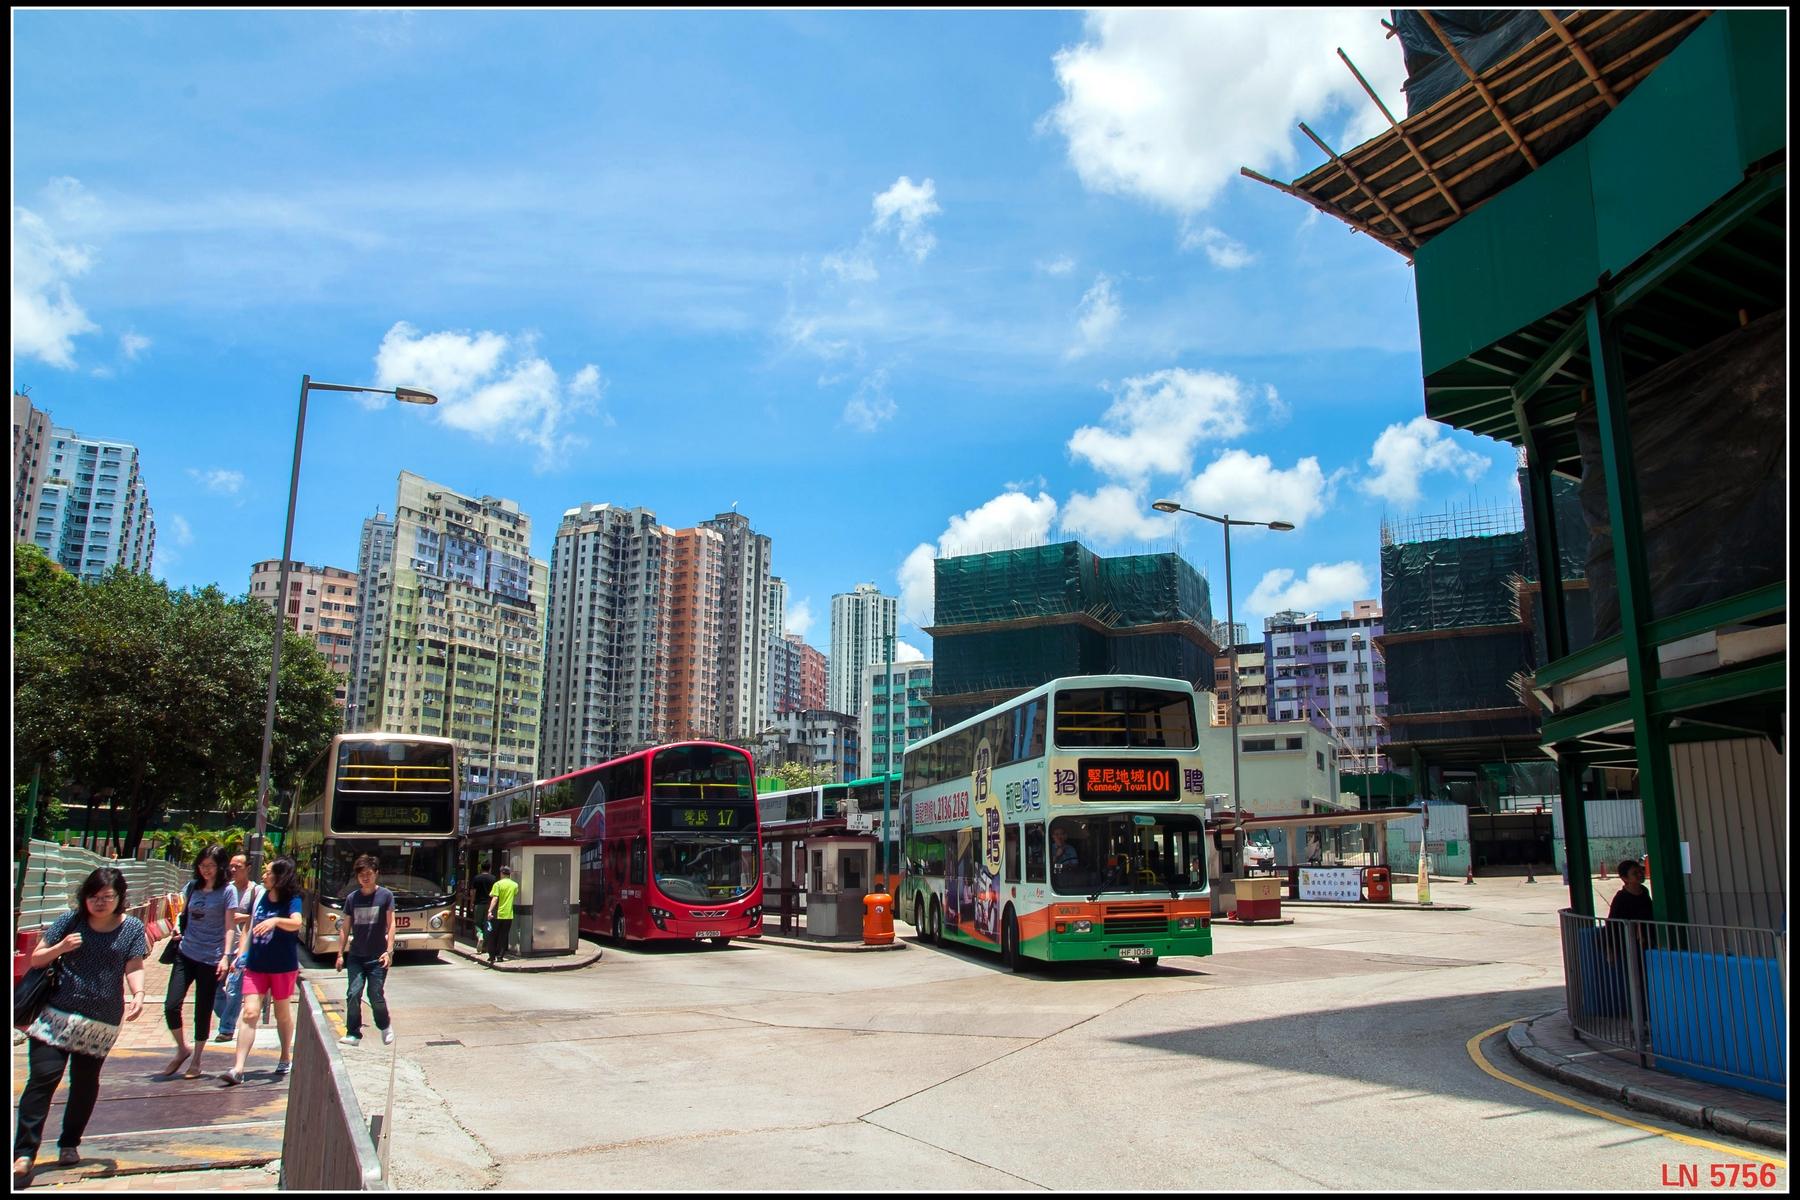 觀塘 (仁愛圍) 公共運輸交匯處